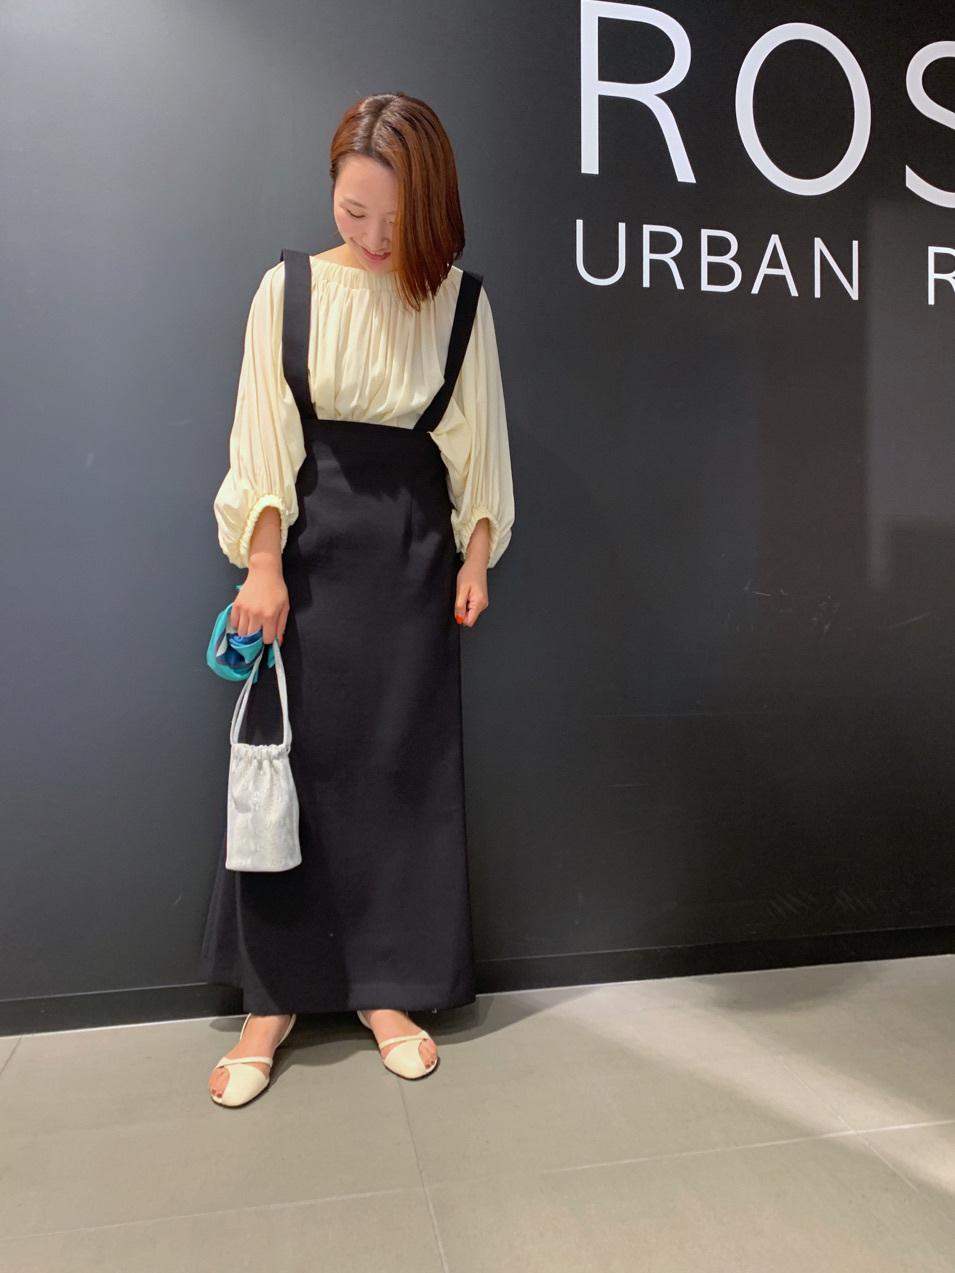 キレイめに履けるのが嬉しい、 サロペット風のスカートが入荷しました! ハイウエストですっきりしたラインなので ボリュームのあるトップスを◎  EENK / Hova bagのROSSO別注は、 今年らしいパイソン柄。 お手持ちのスカーフを合わせて アレンジして頂くのがおすすめです◎  モデル:155㎝